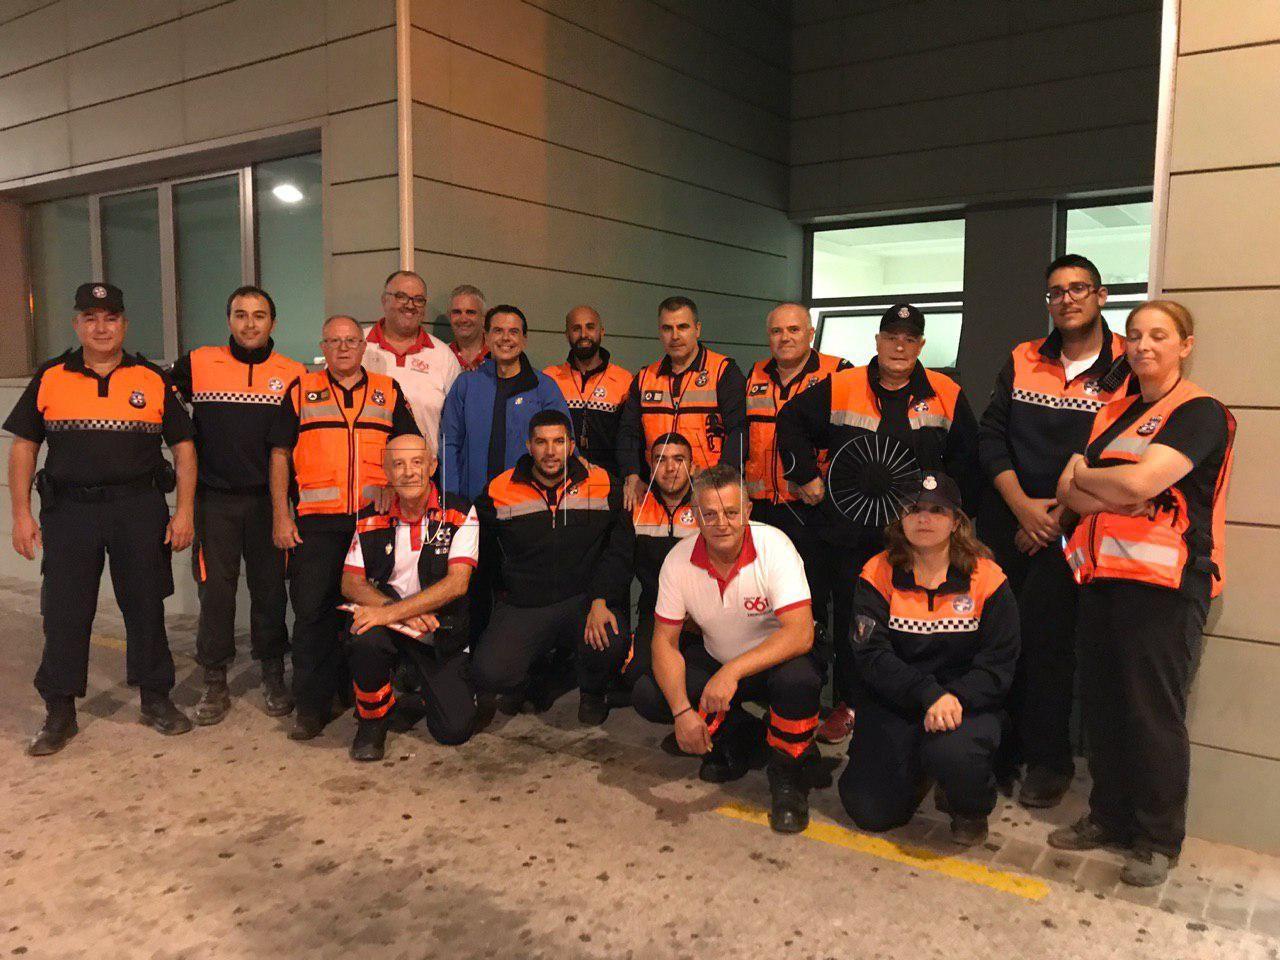 voluntarios-proteccion-civil-vecino-juan-carlos-1-2